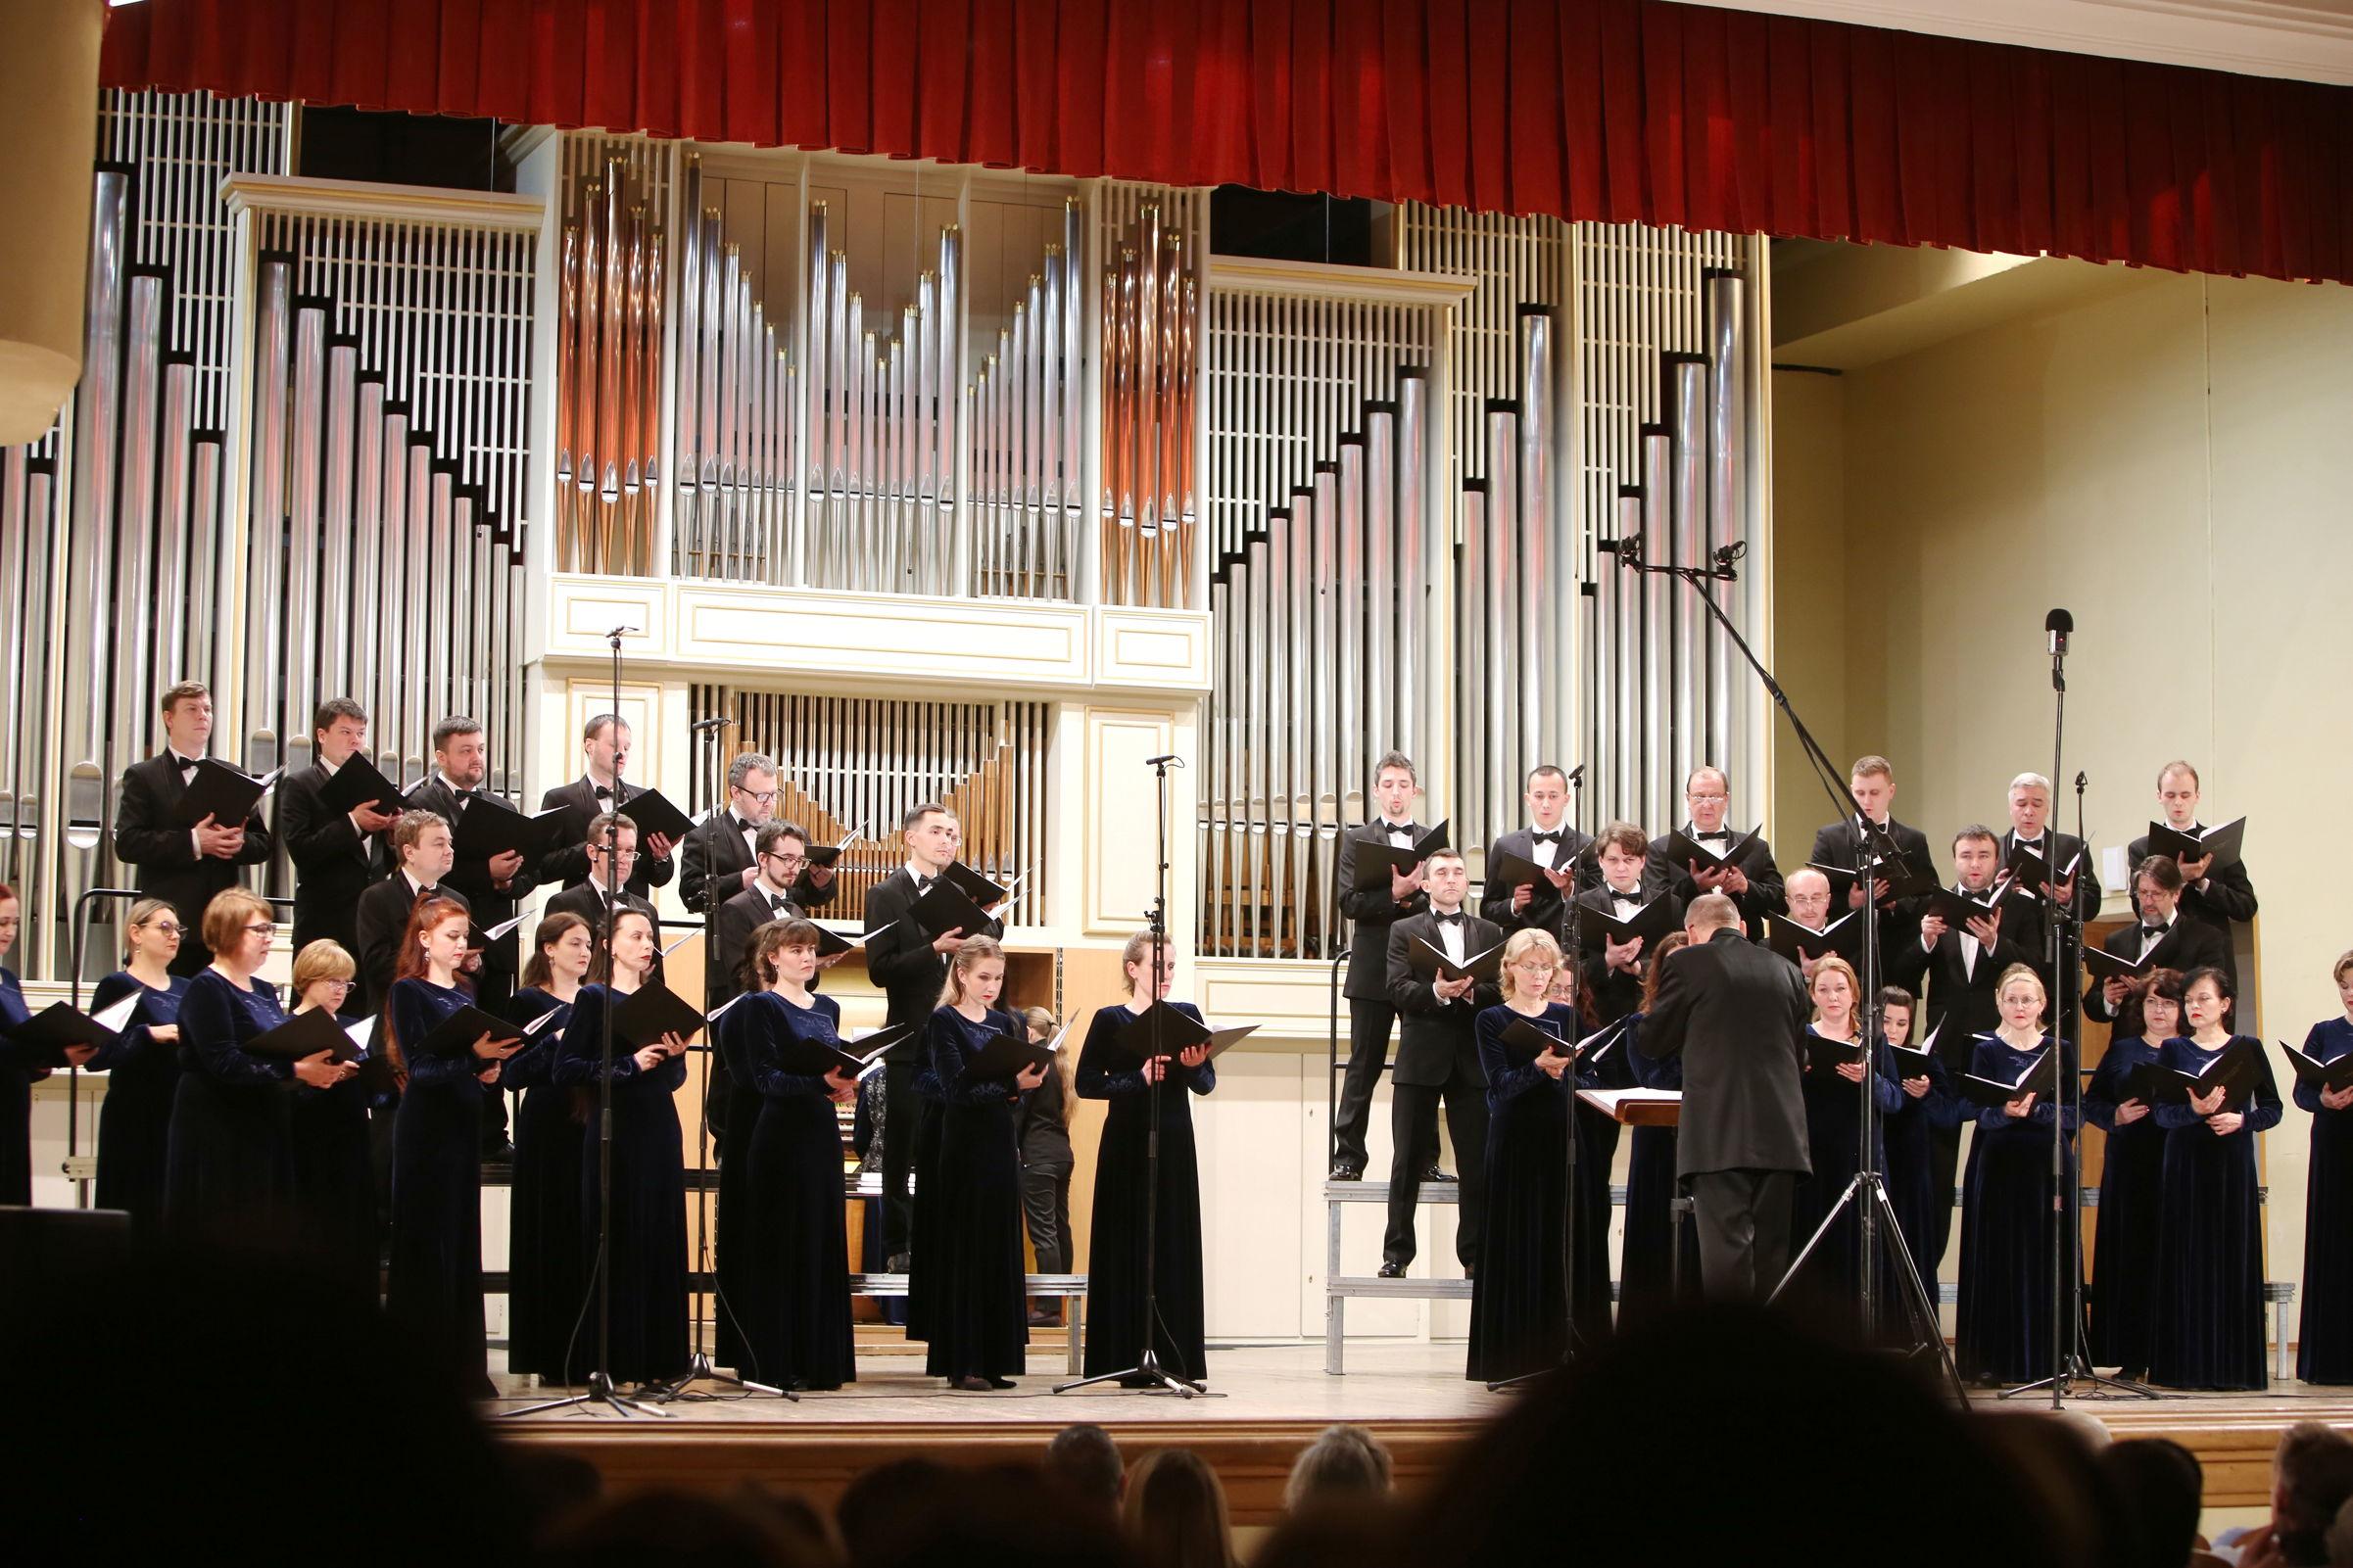 Король инструментов и мировая премьера. Органный фестиваль собрал плеяду знаменитостей